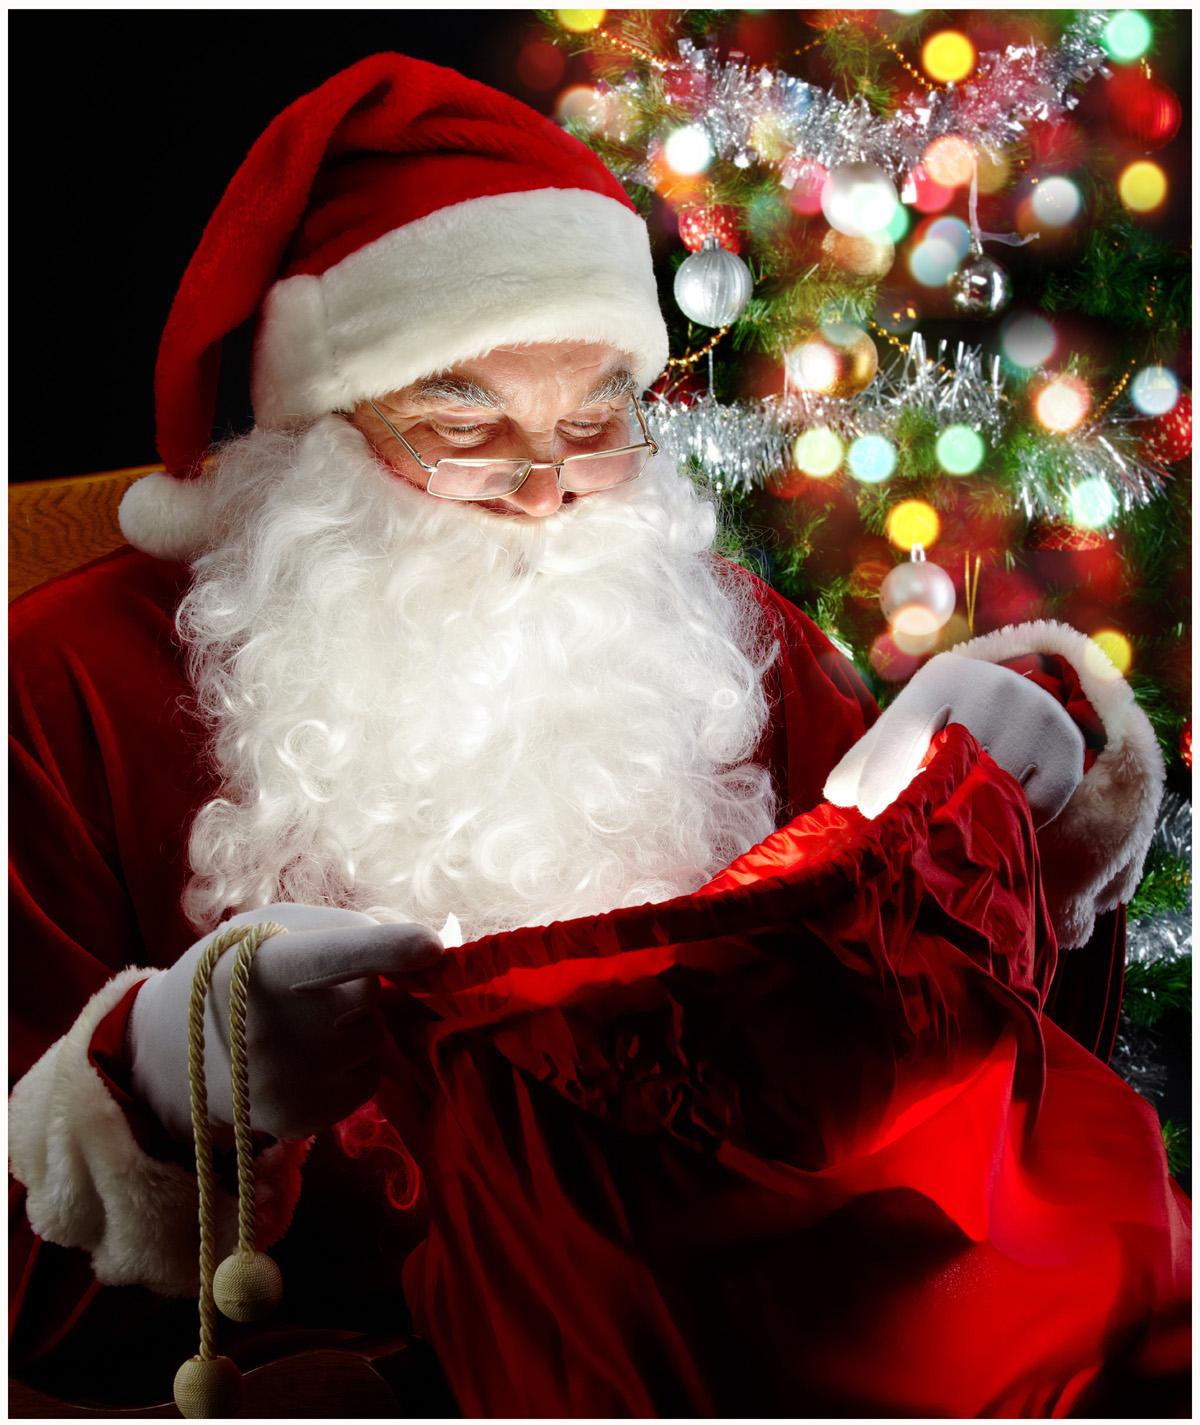 Storia Di San Nicola E Babbo Natale.La Vera Storia Di San Nicola Vescovo Alias Babbo Natale L